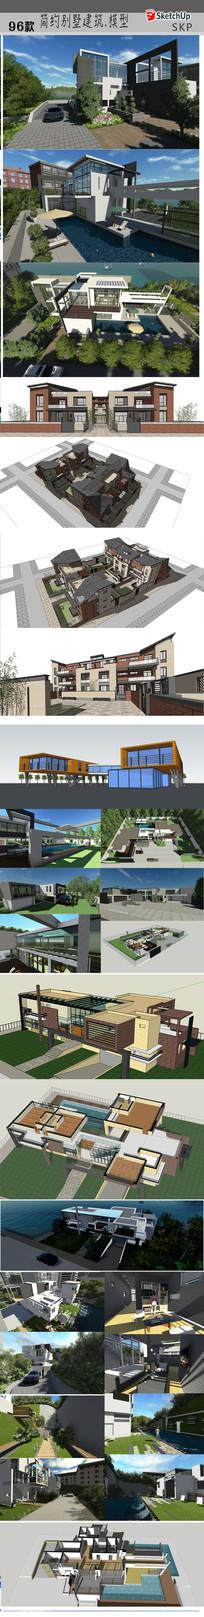 现代别墅建筑模型